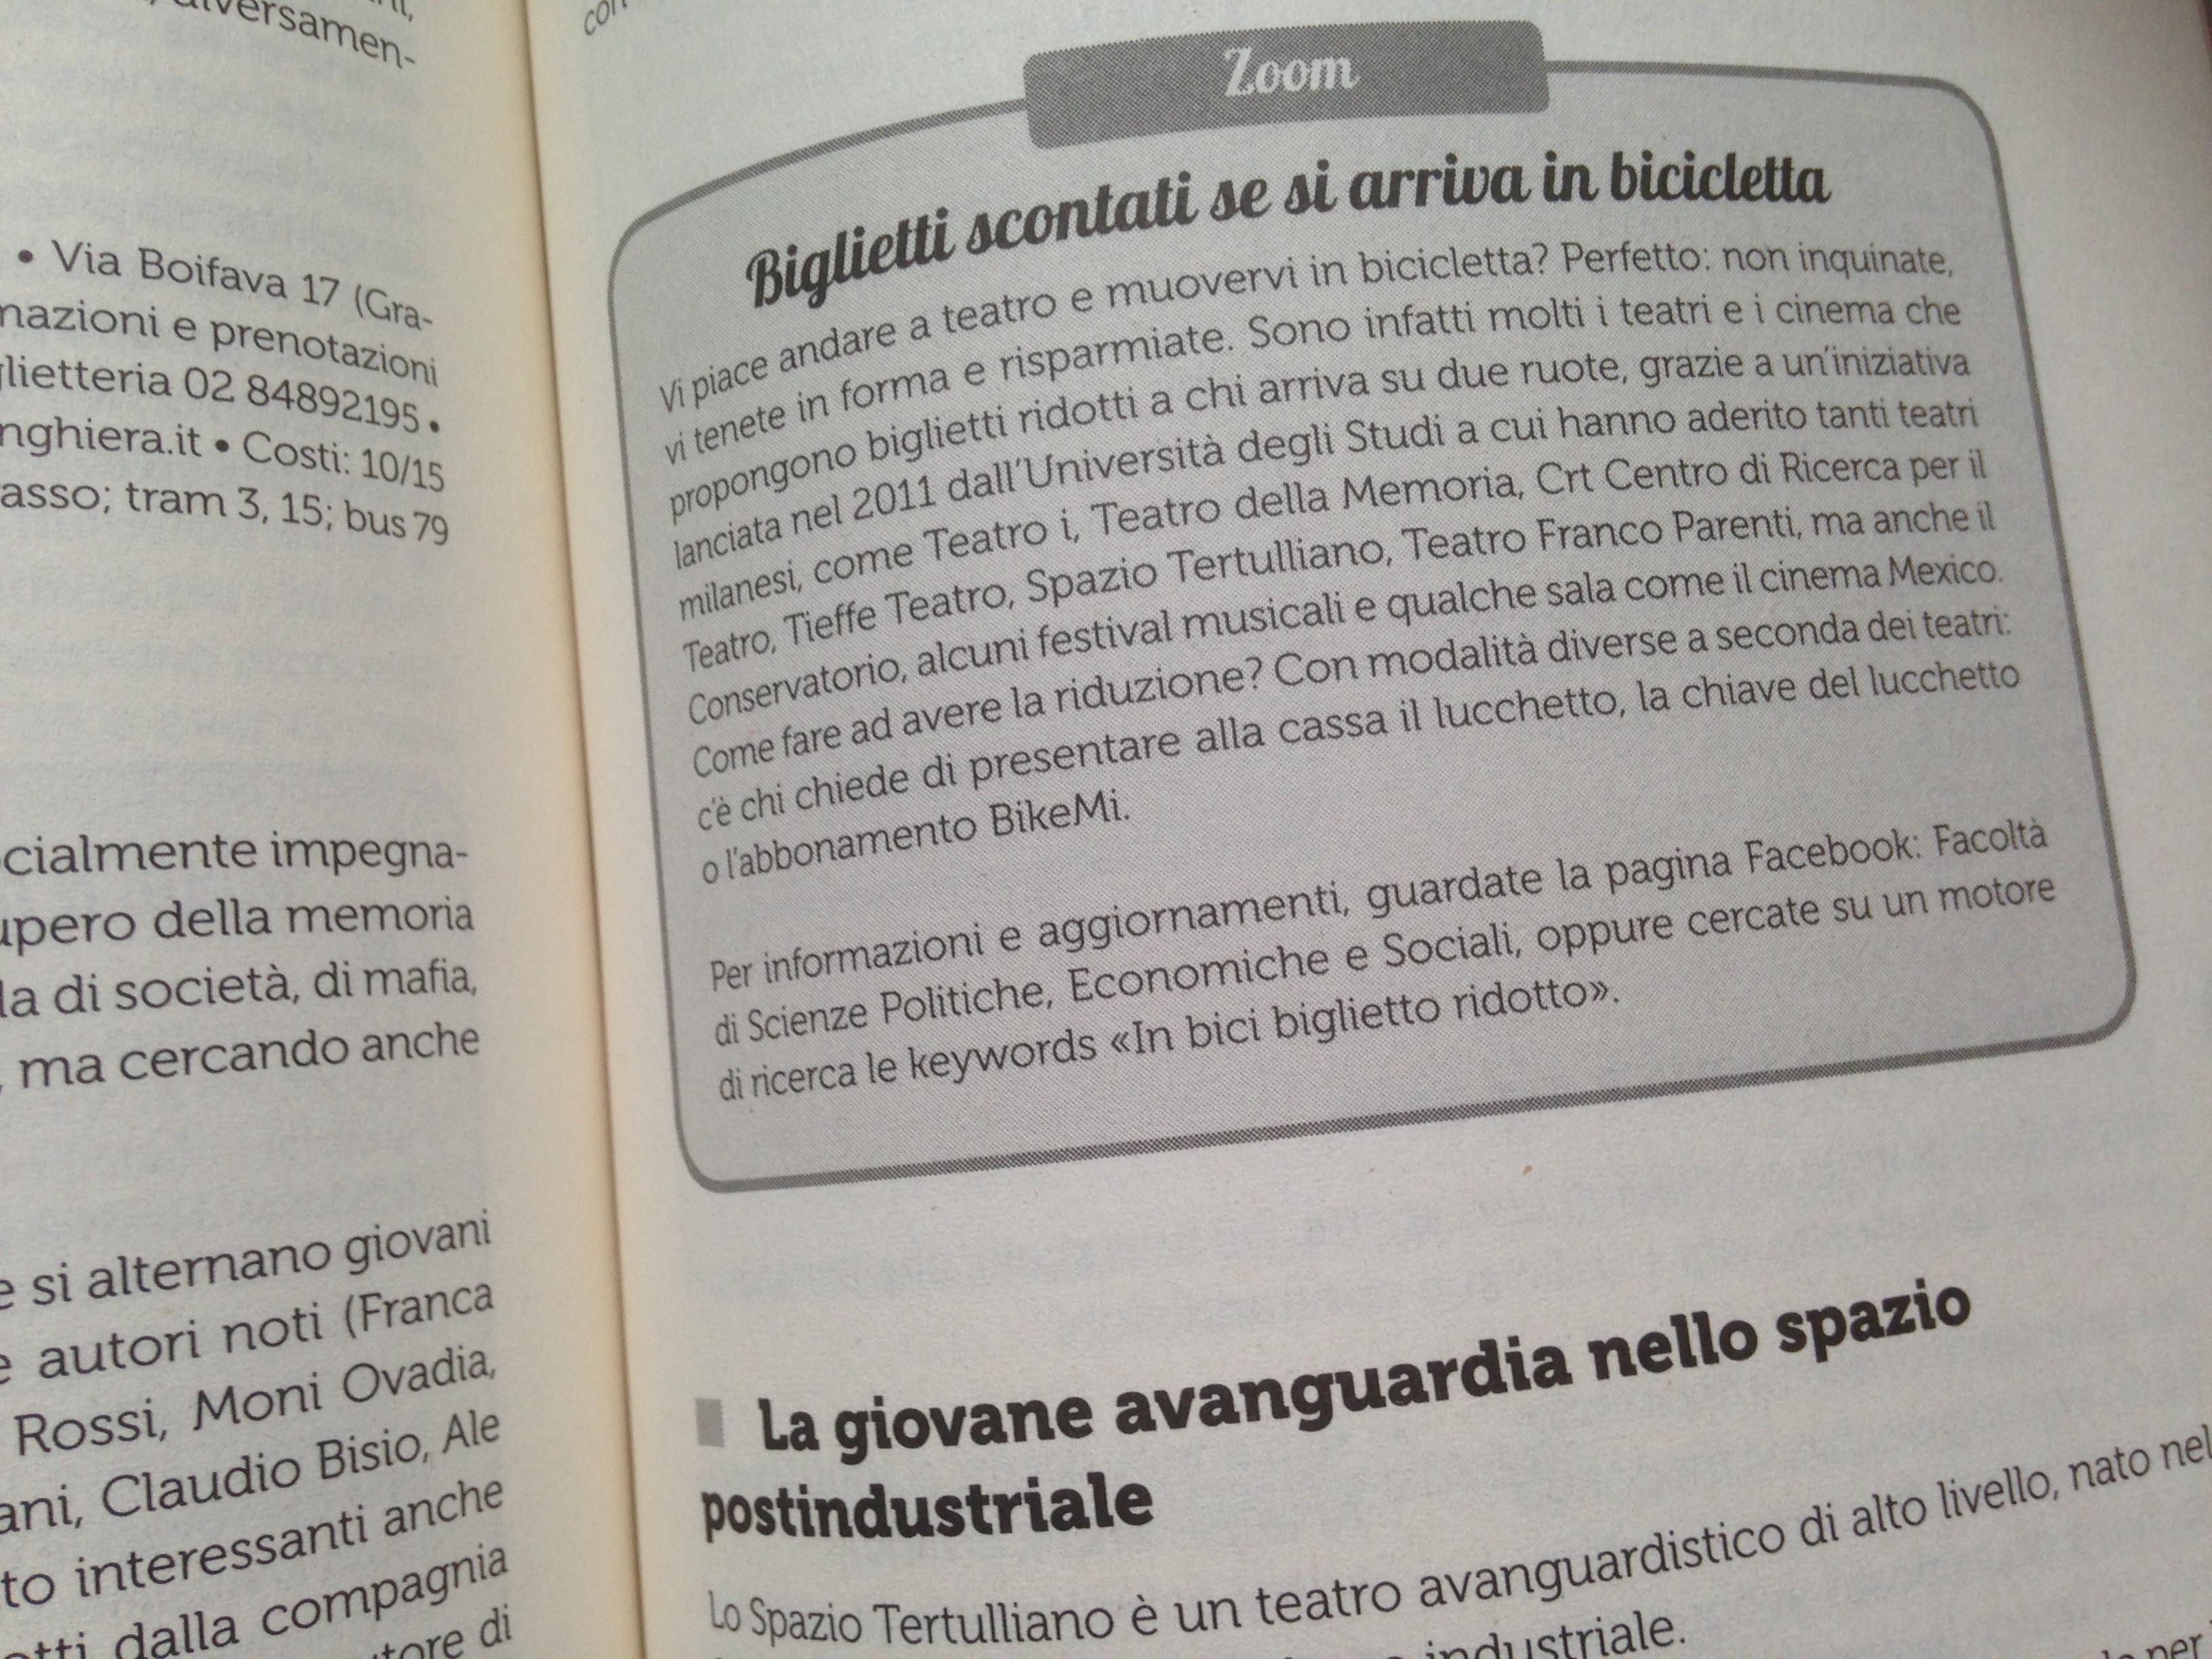 La migliore Ristrutturazioni Low Cost Milano Idee e immagini di ispirazione  ezsrc.com Trova ...